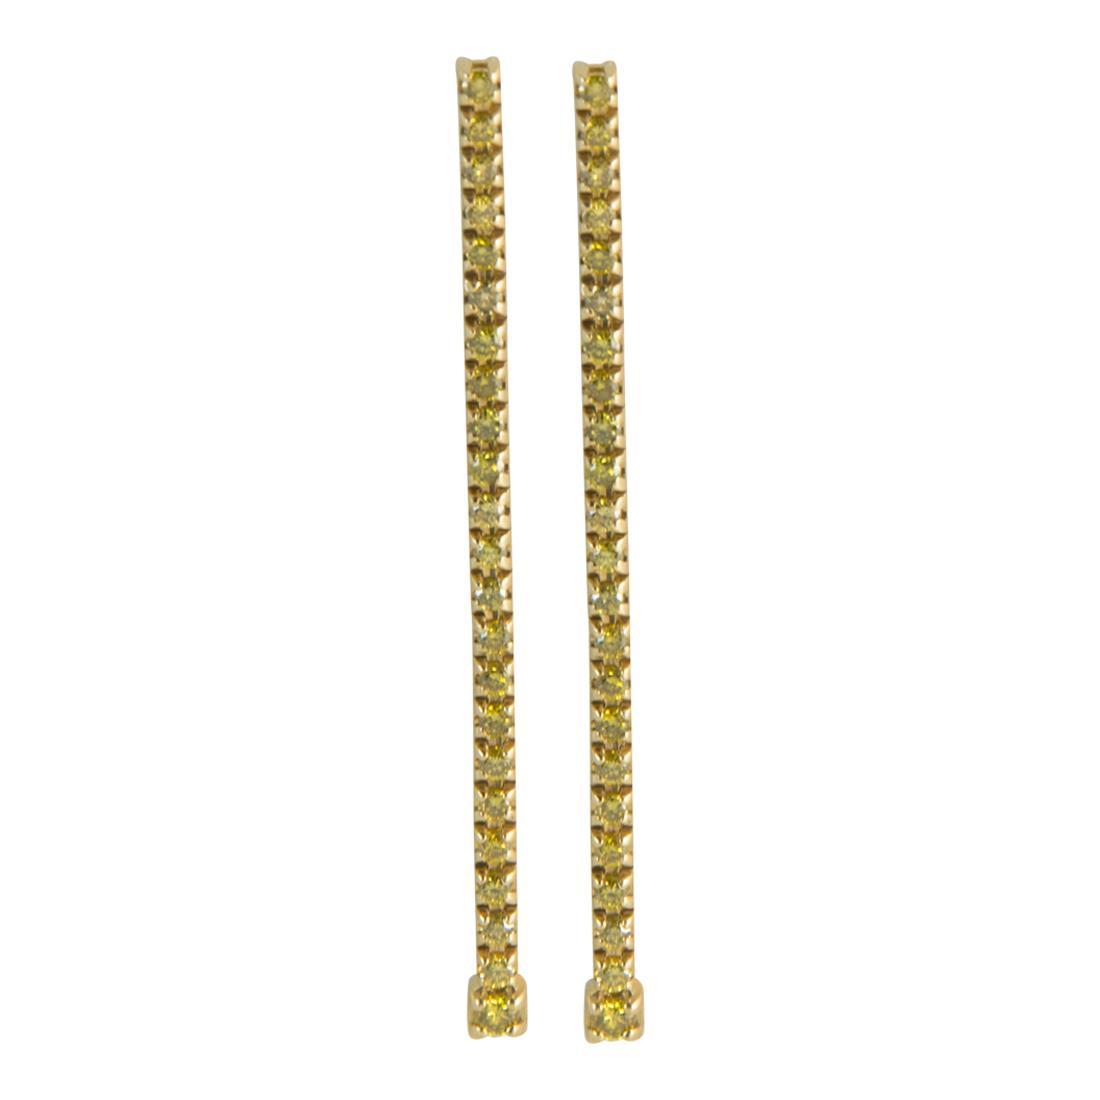 Orecchini 1 fila in oro giallo con diamanti gialli ct 1.20 misura 10.00cm - ALFIERI ST JOHN